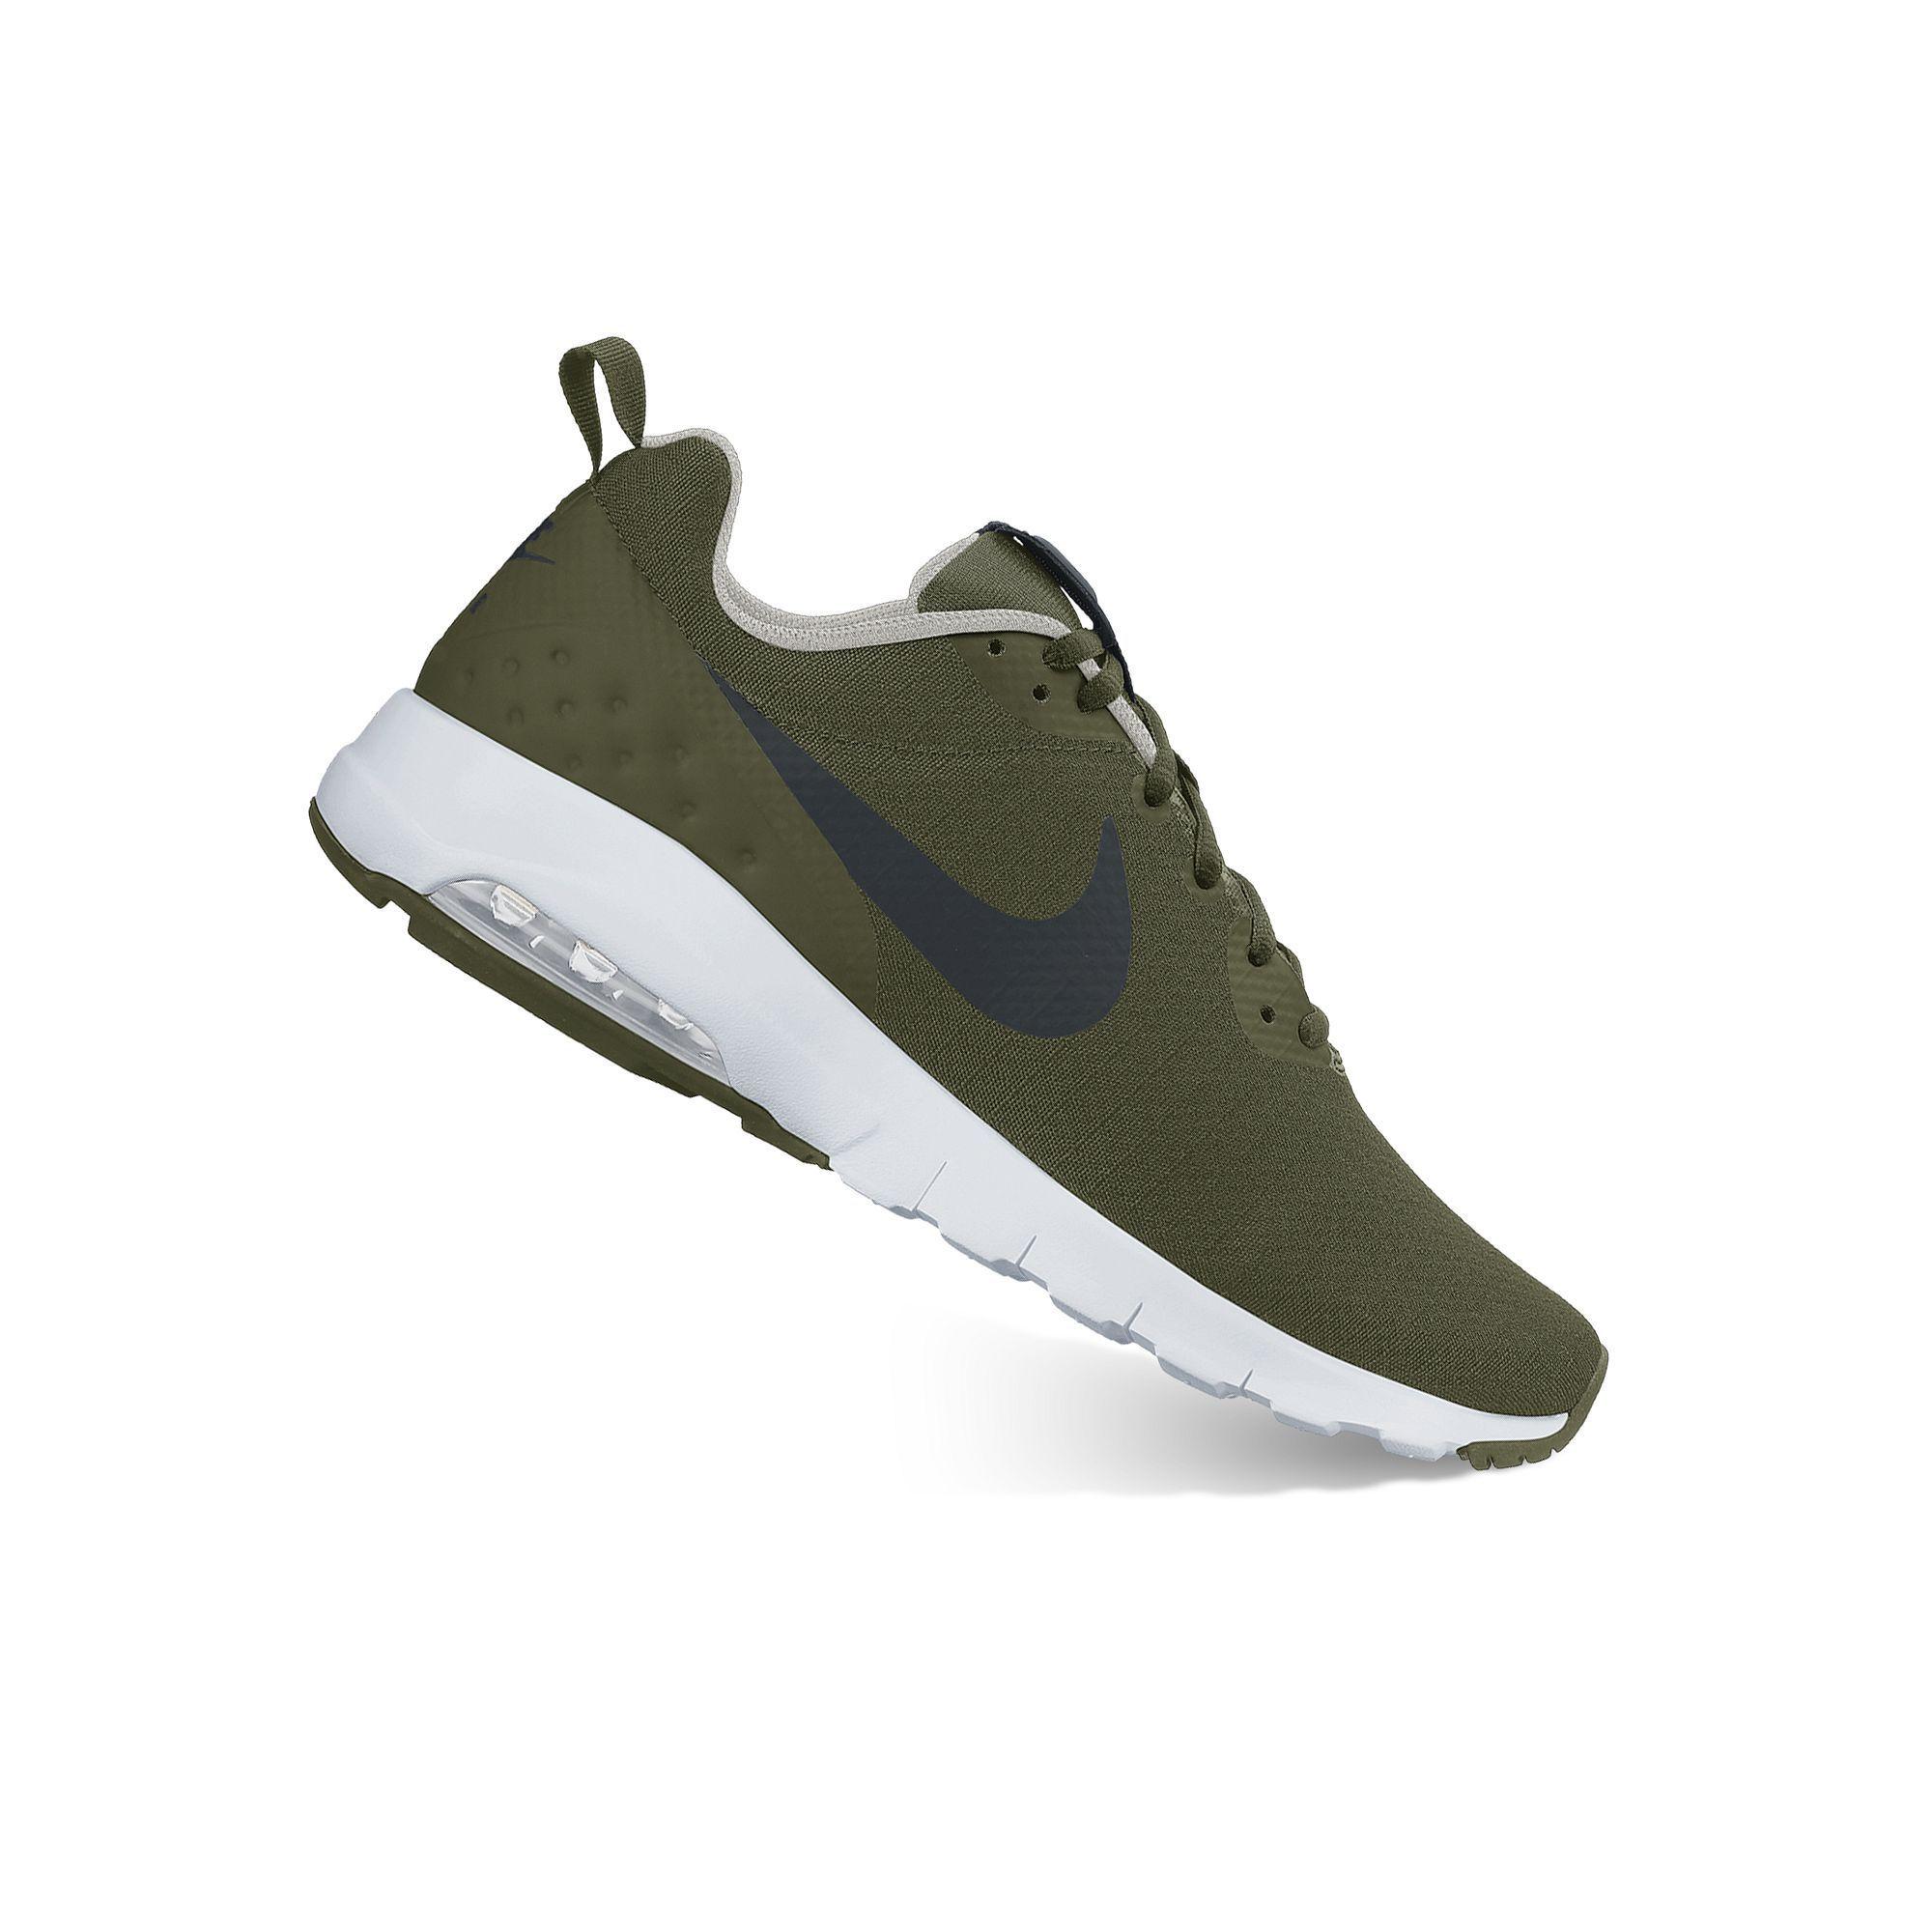 Nike Air Max Motion Low Premium Men's Shoes | Nike air max